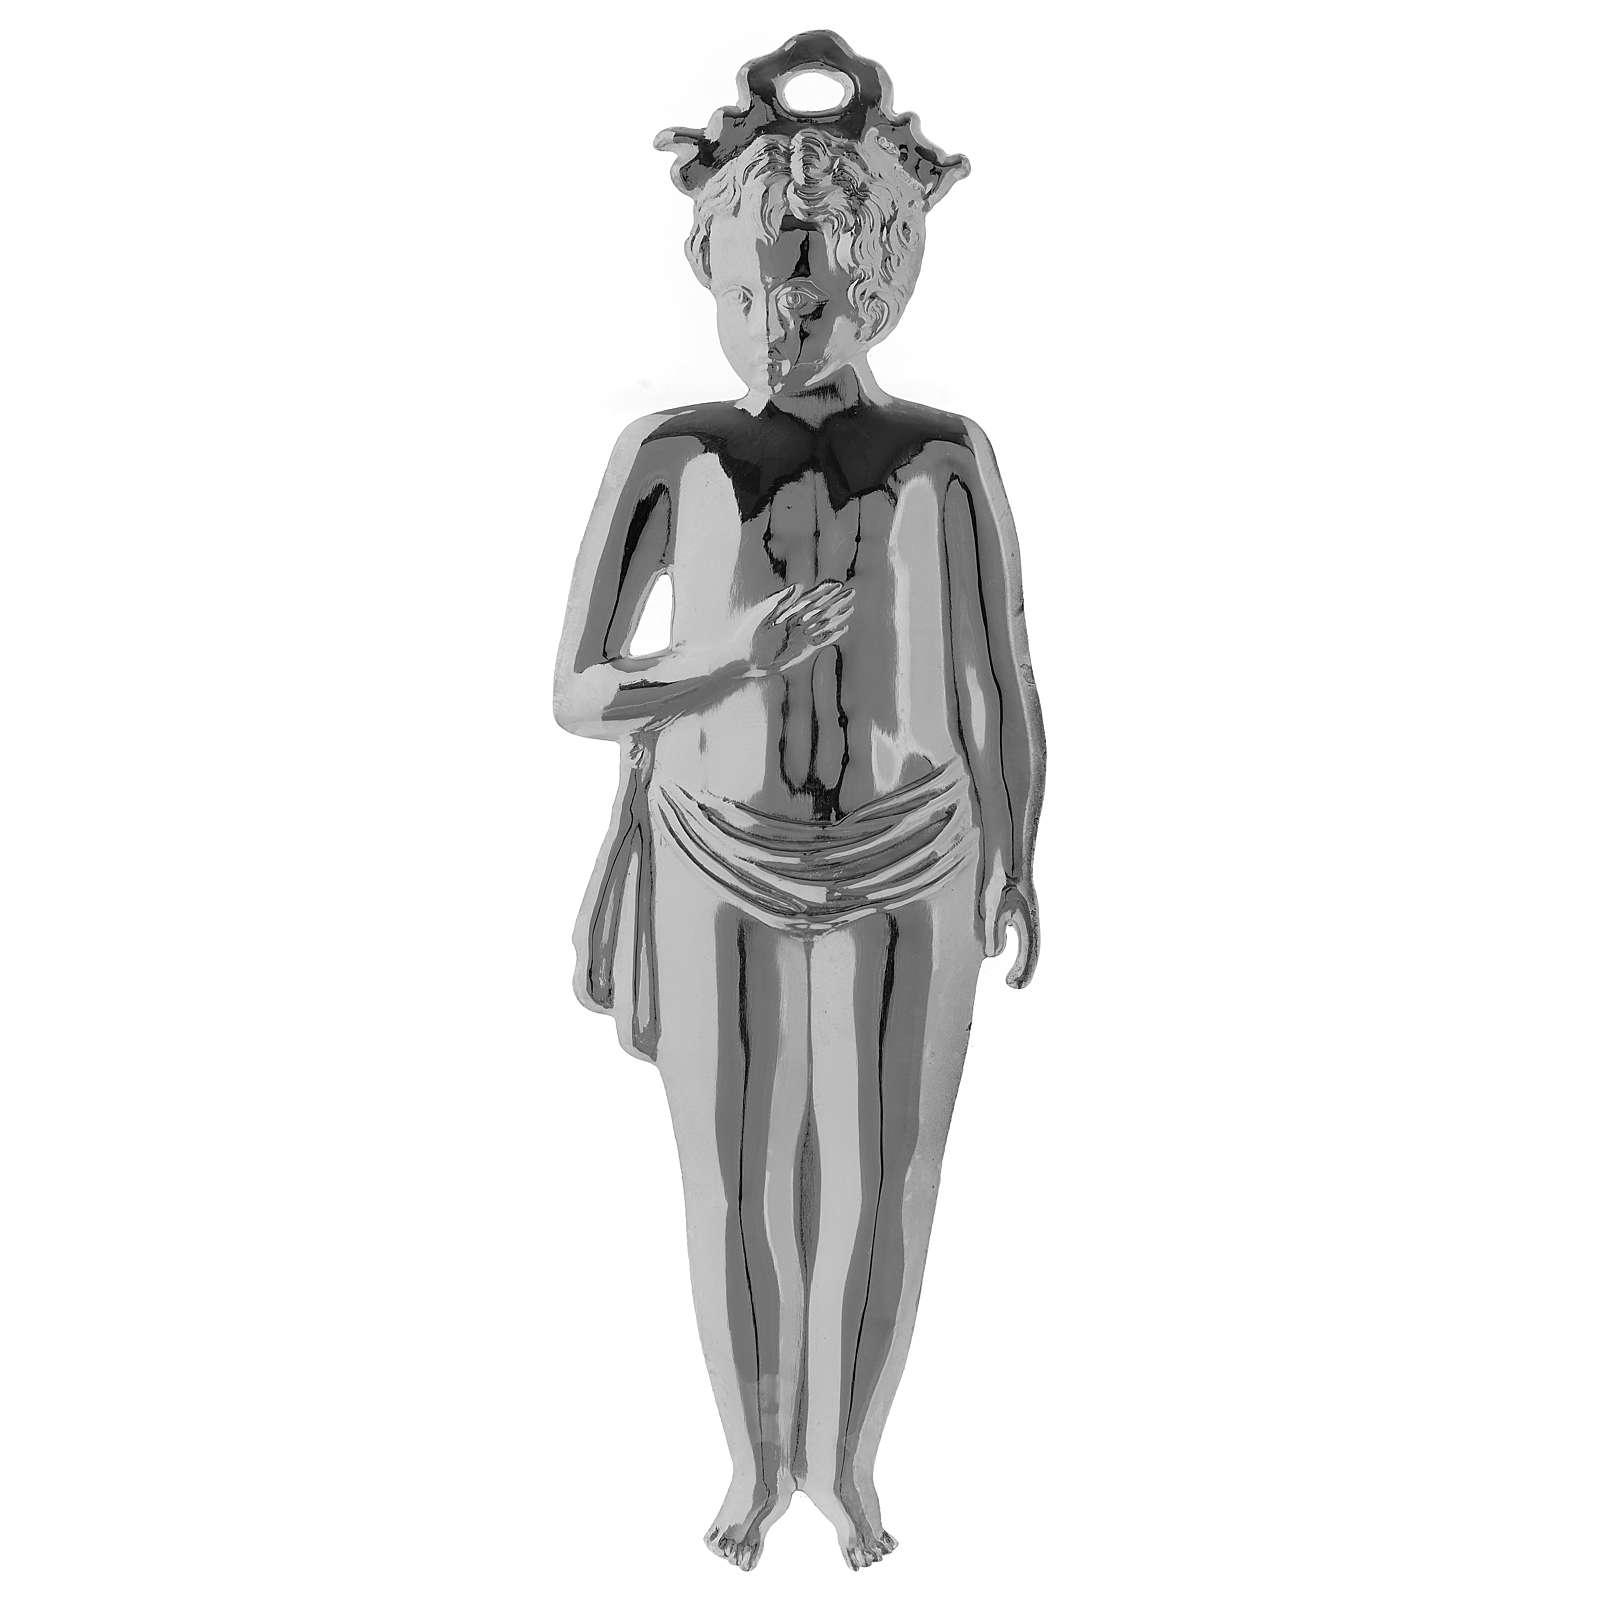 Ex-voto Menino Prata 925 ou Metal 15 cm de altura 3